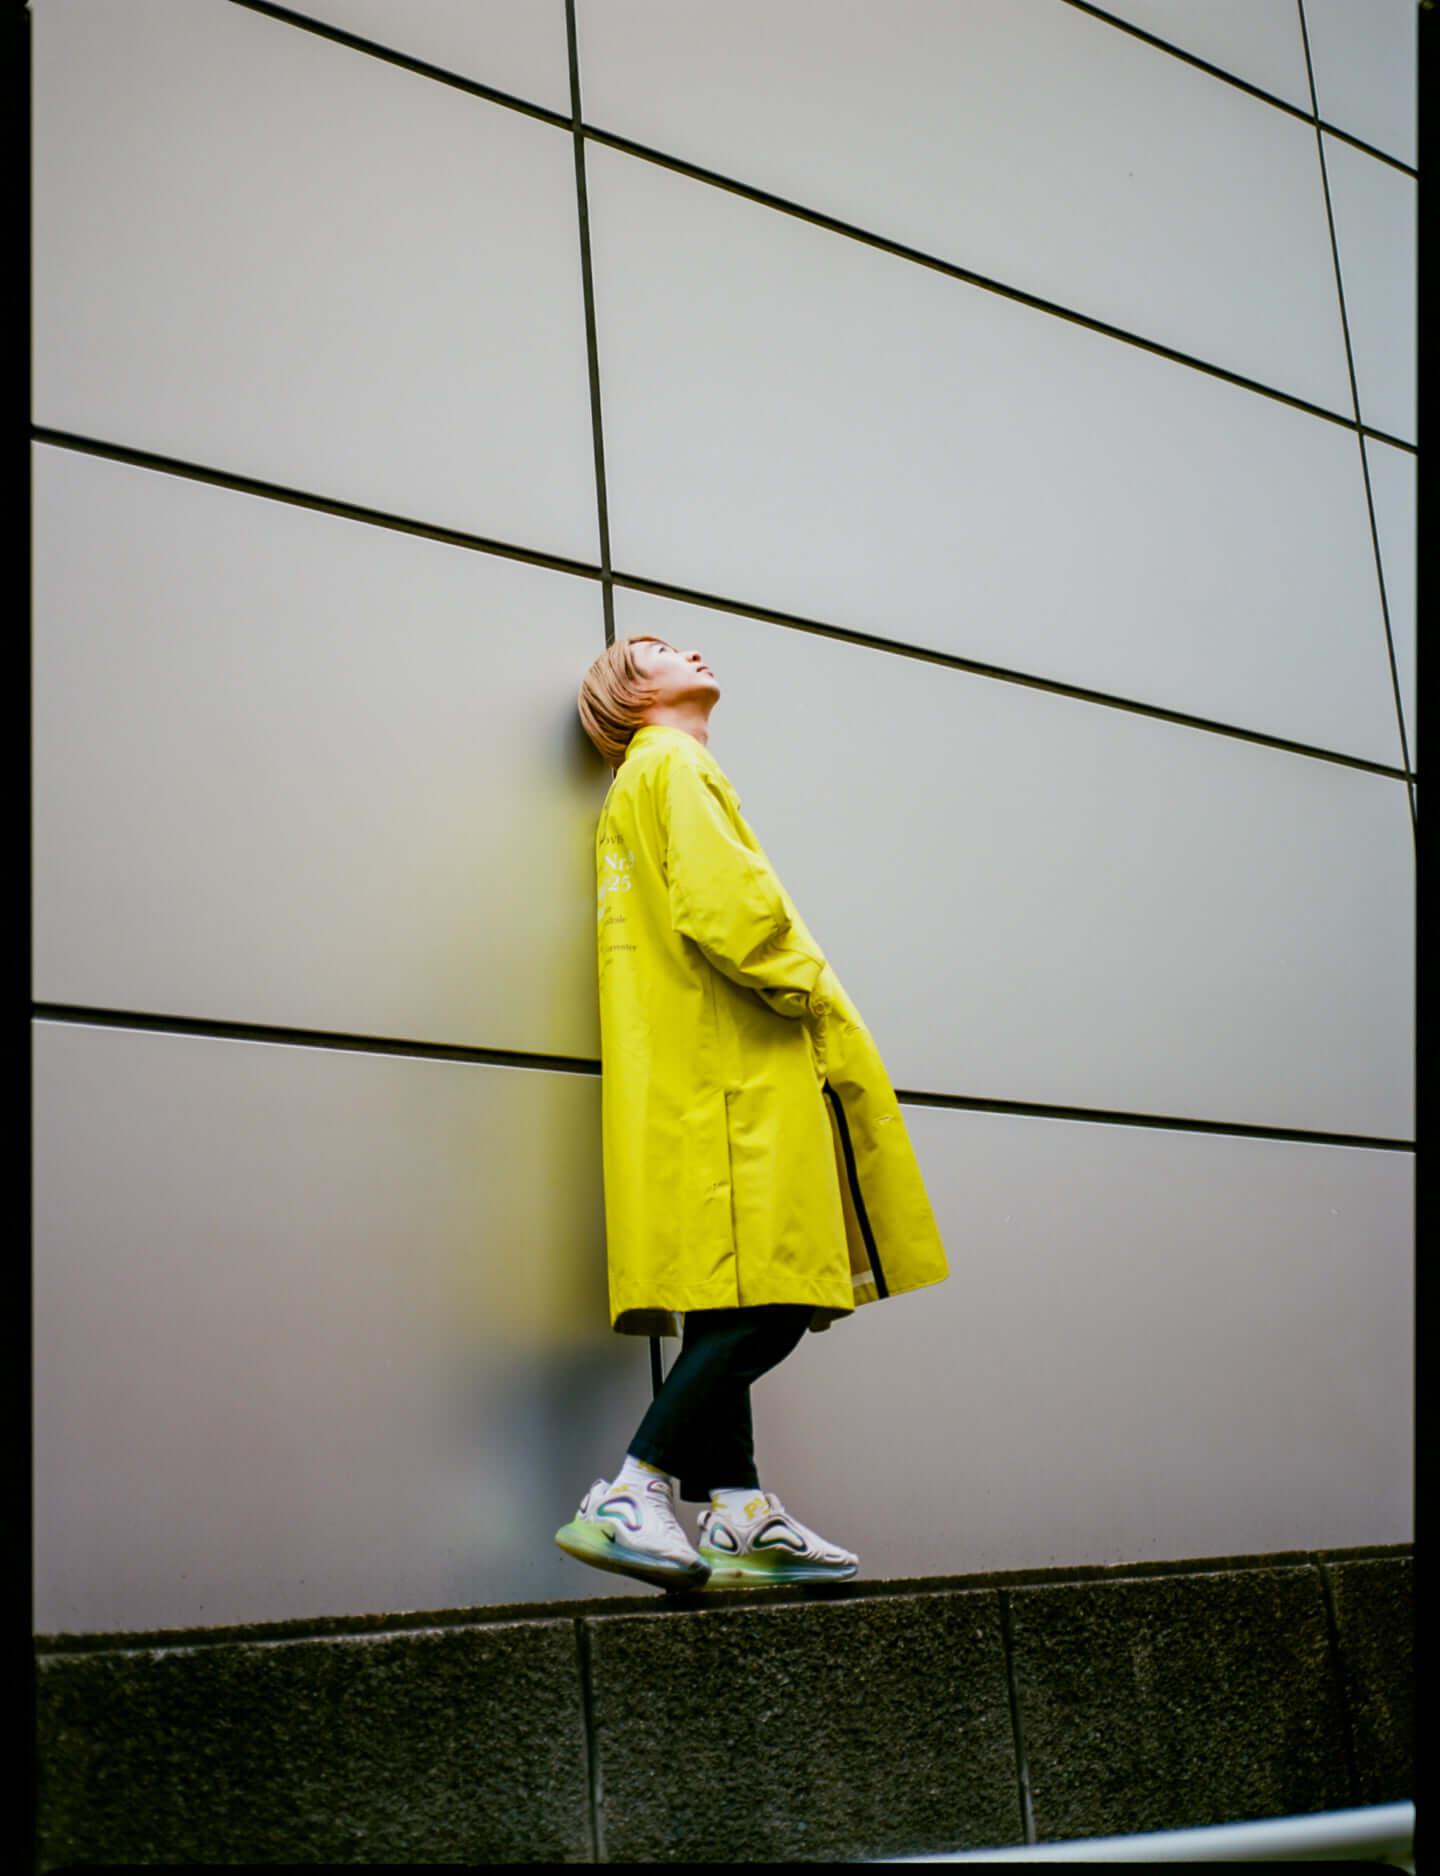 対談:水野蒼生 × 君島大空|現代の音楽家が180年前の楽曲を再構築した先にあった奇跡の巡り合わせ interview210405_mizuno-kimishima-08-1440x1876